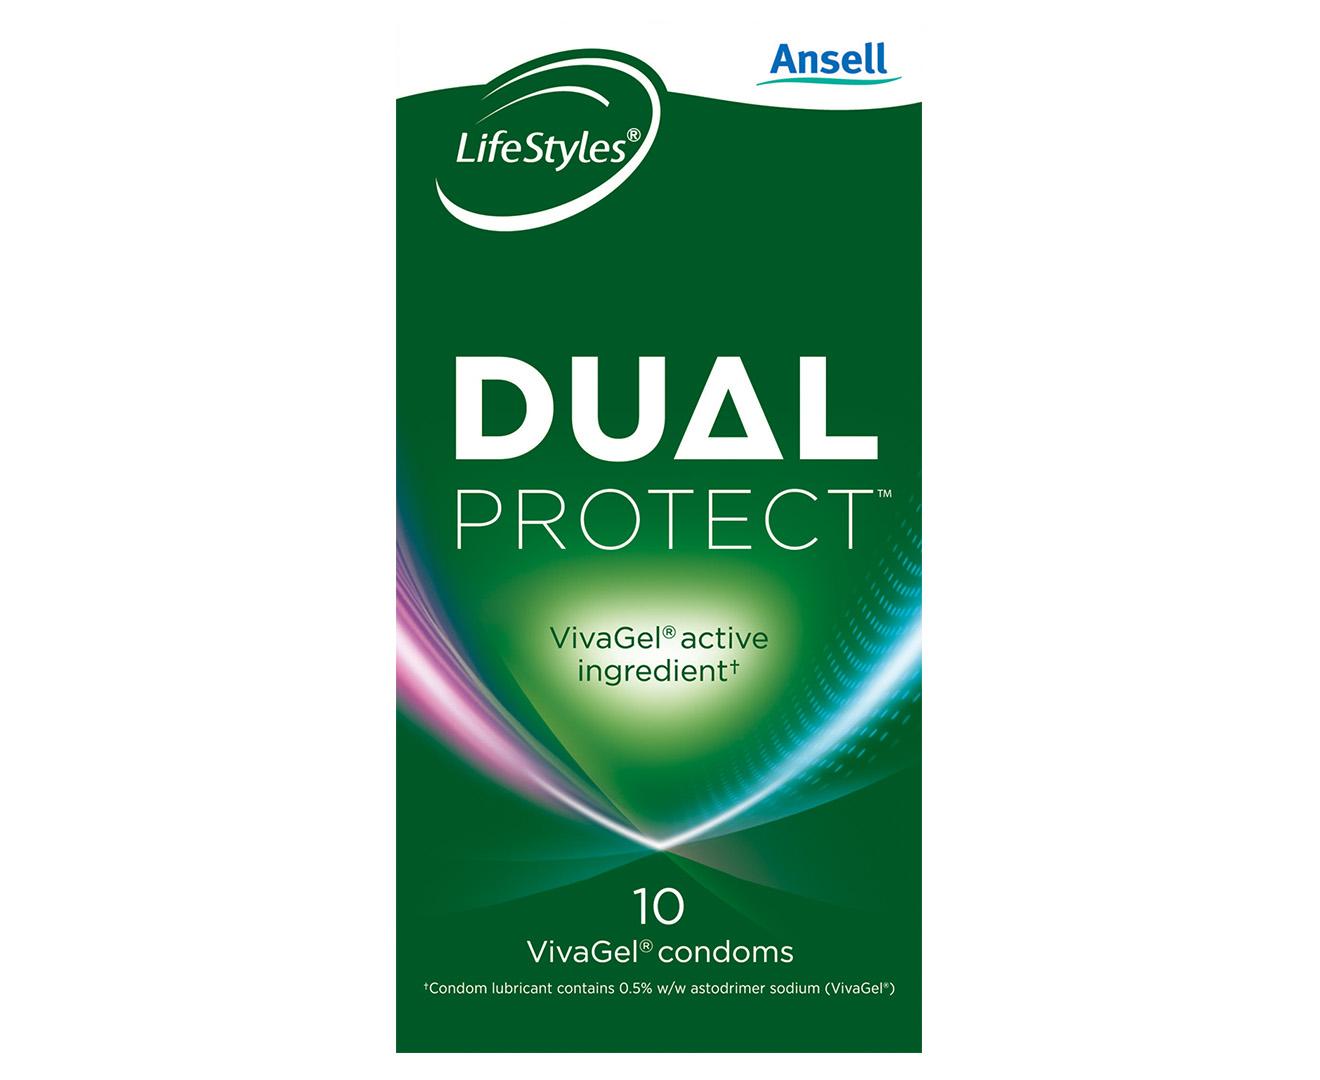 Austrailian condom an